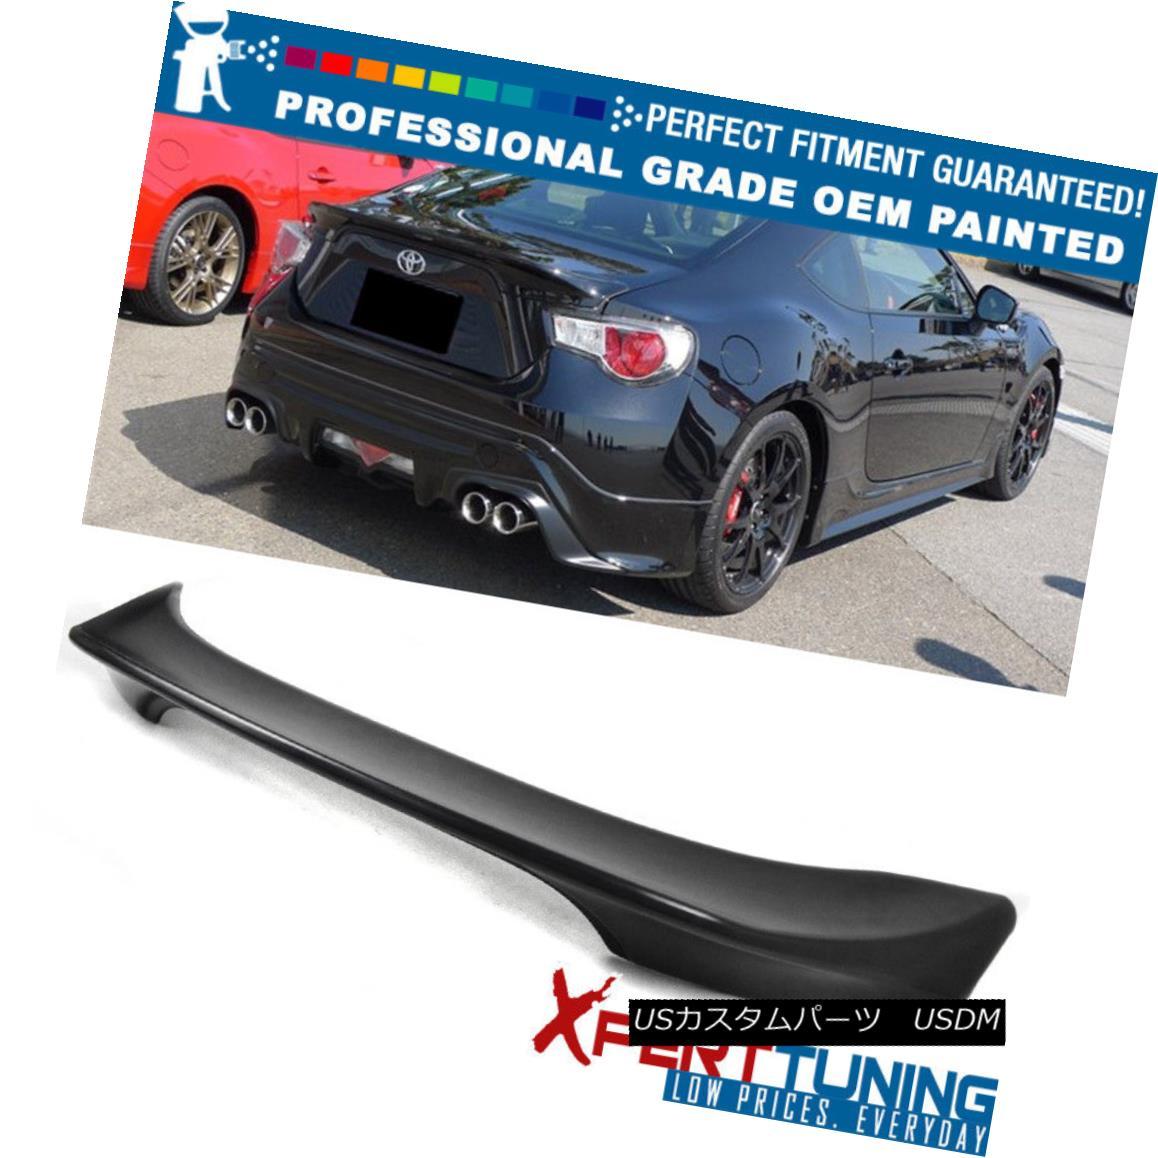 エアロパーツ Fits 12-15 Scion FRS GT86 TR-D Style Painted Trunk Spoiler - OEM Painted Color サイエンスFRS GT86 TR-Dスタイル塗装トランク・スポイラー - OEM塗装カラー